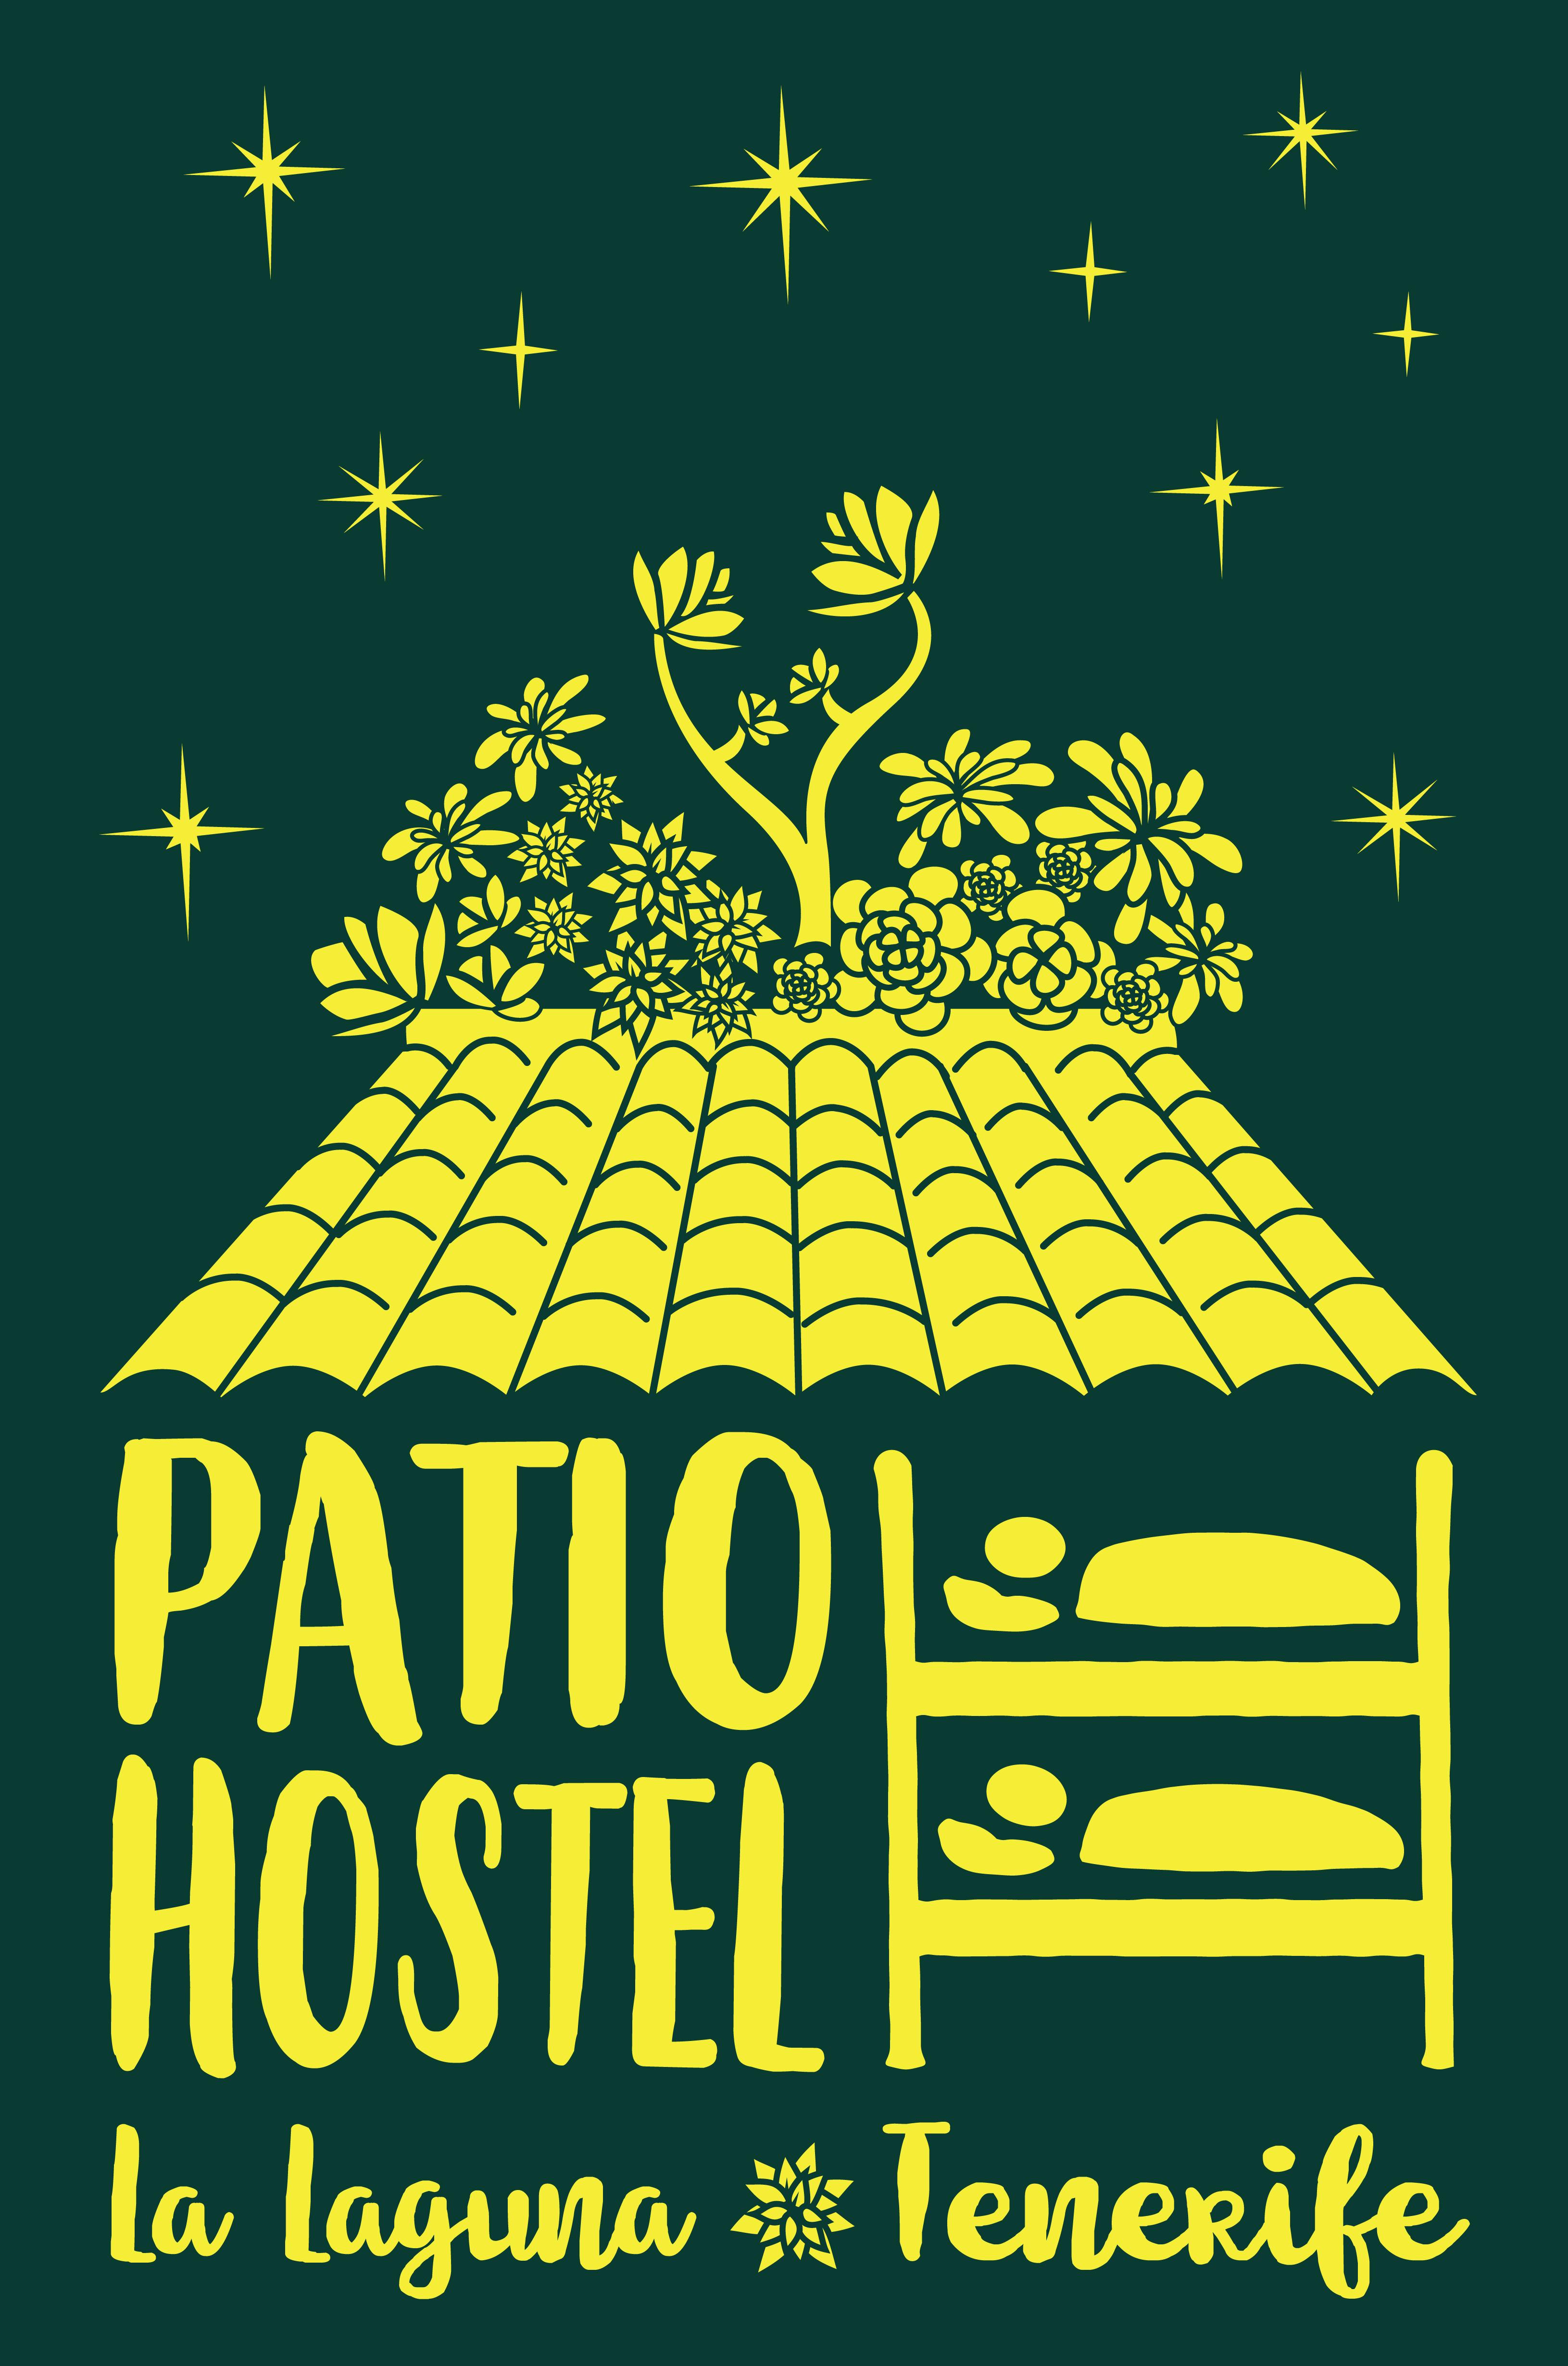 Patio Hostel Tenerife